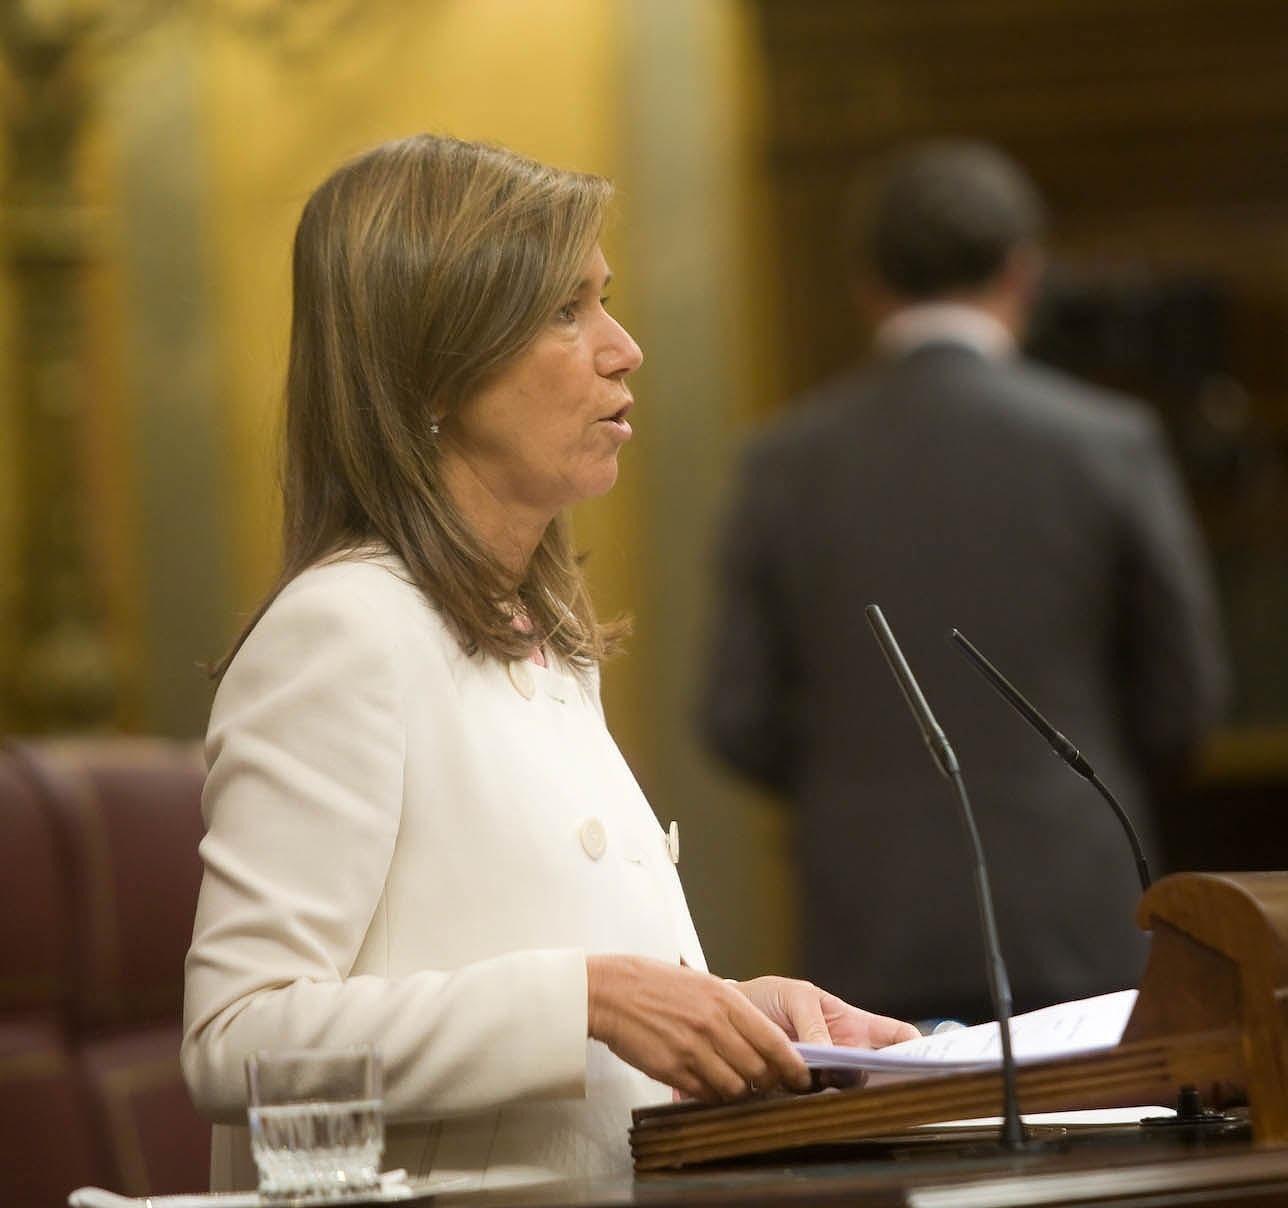 El PSOE critica que la Mato de «la callada por respuesta» ante el libro »Cásate y se sumisa»